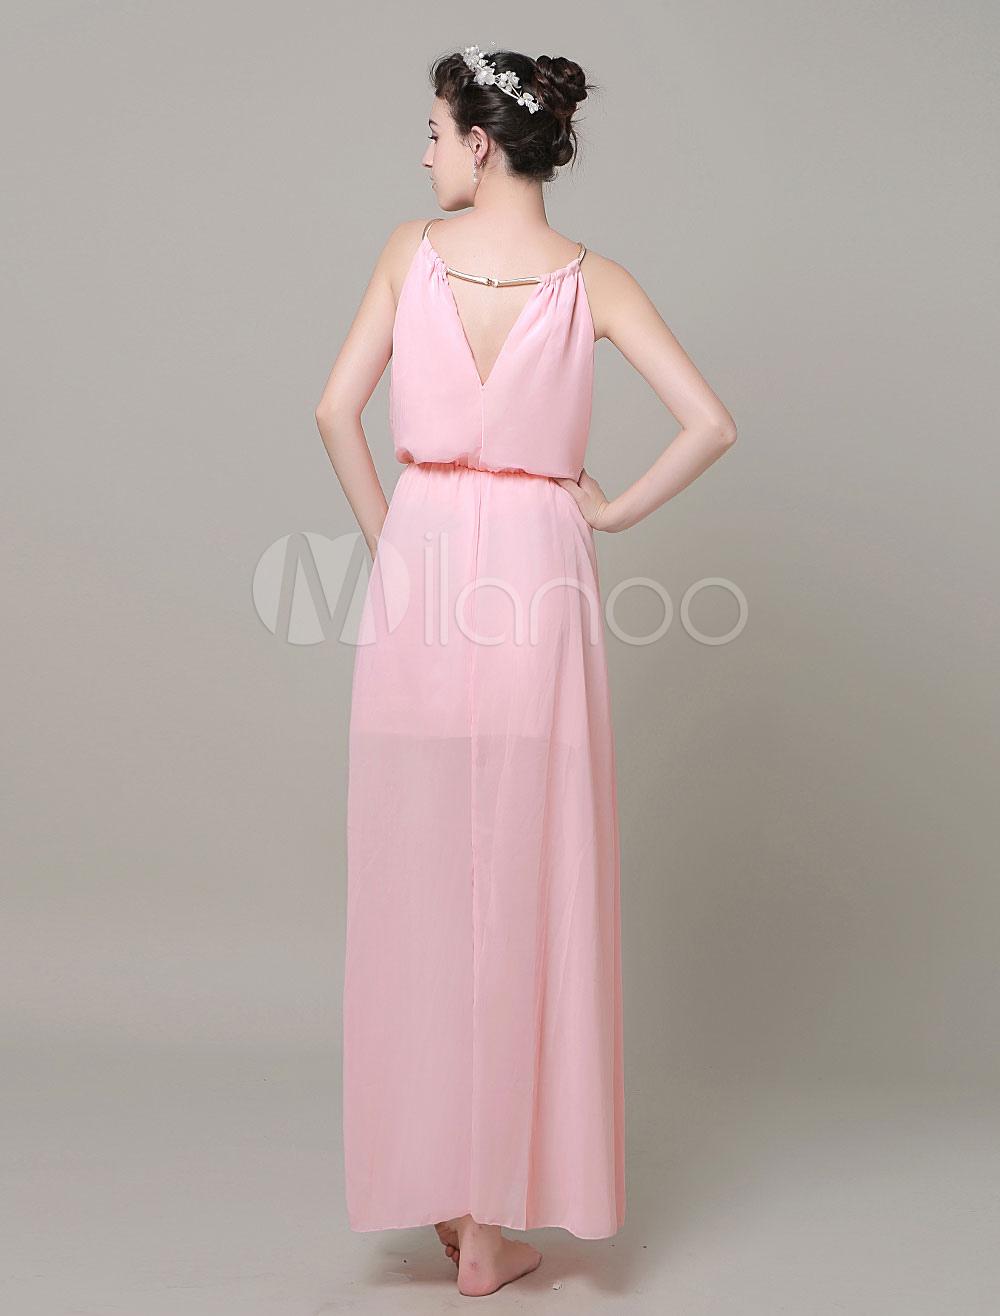 Vestido largo de chifón con escote halter de color liso detalles ...